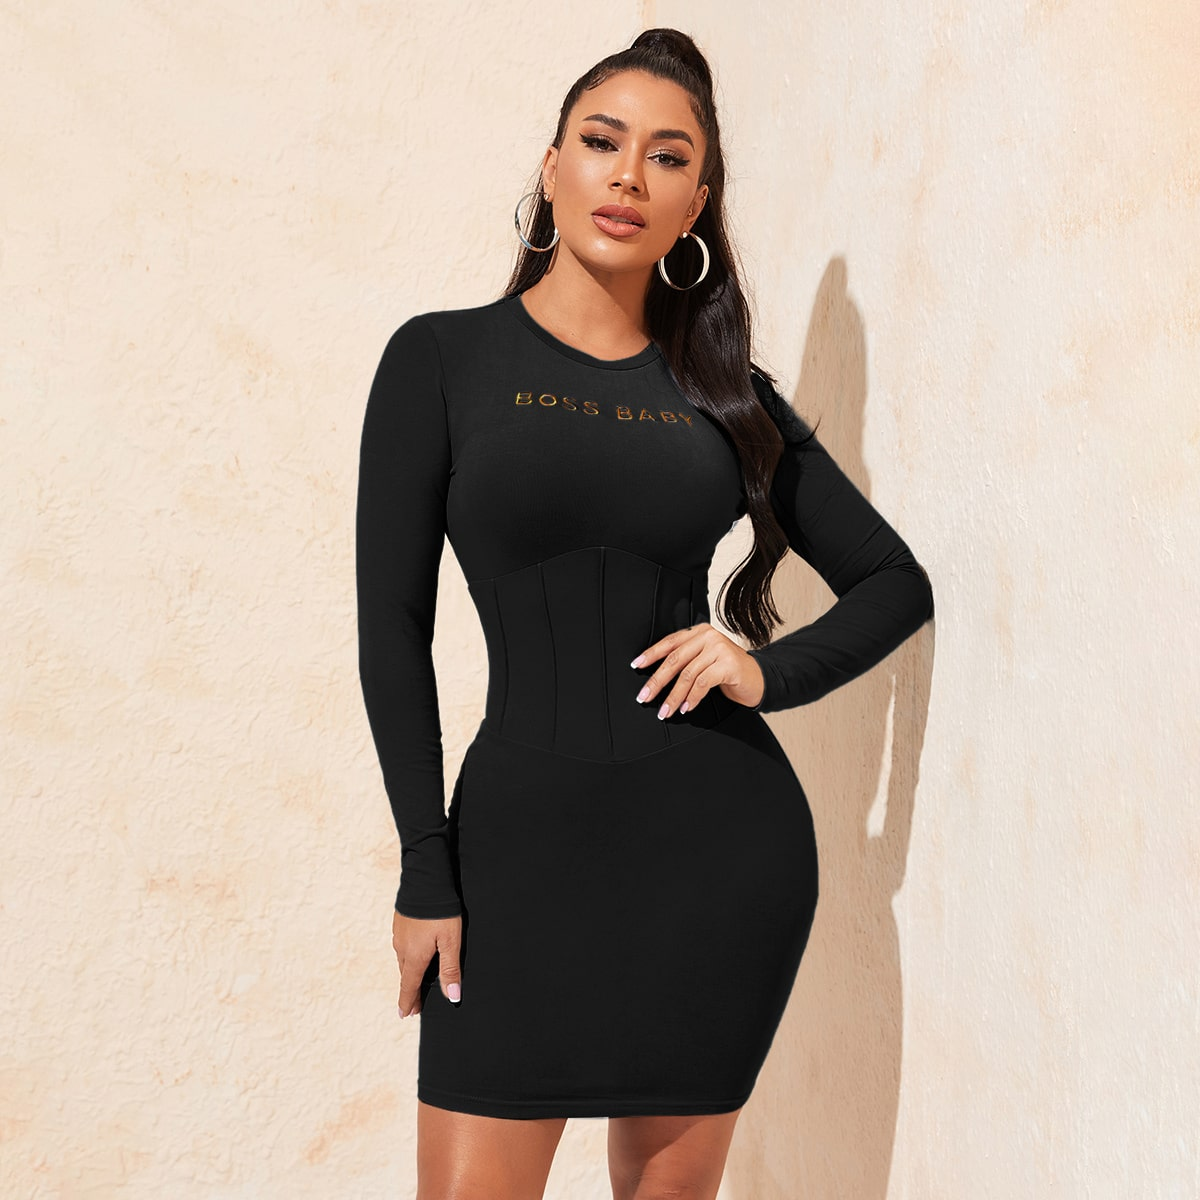 Облегающее платье с текстовой вышивкой